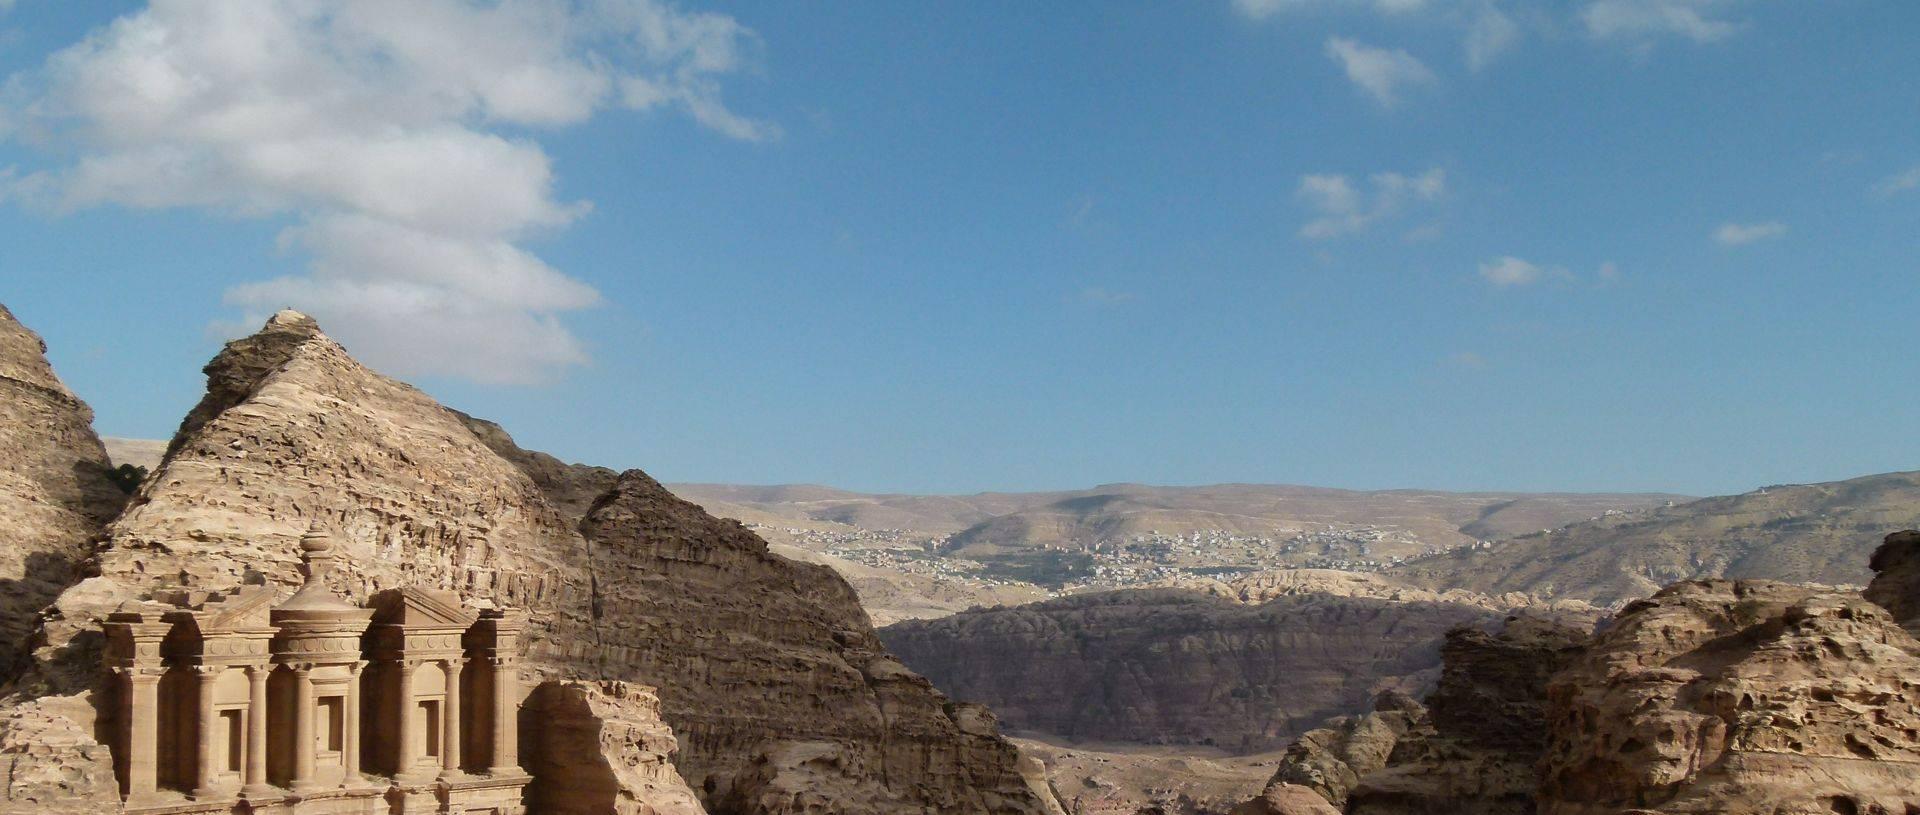 The views of Petra, Jordan.JPG